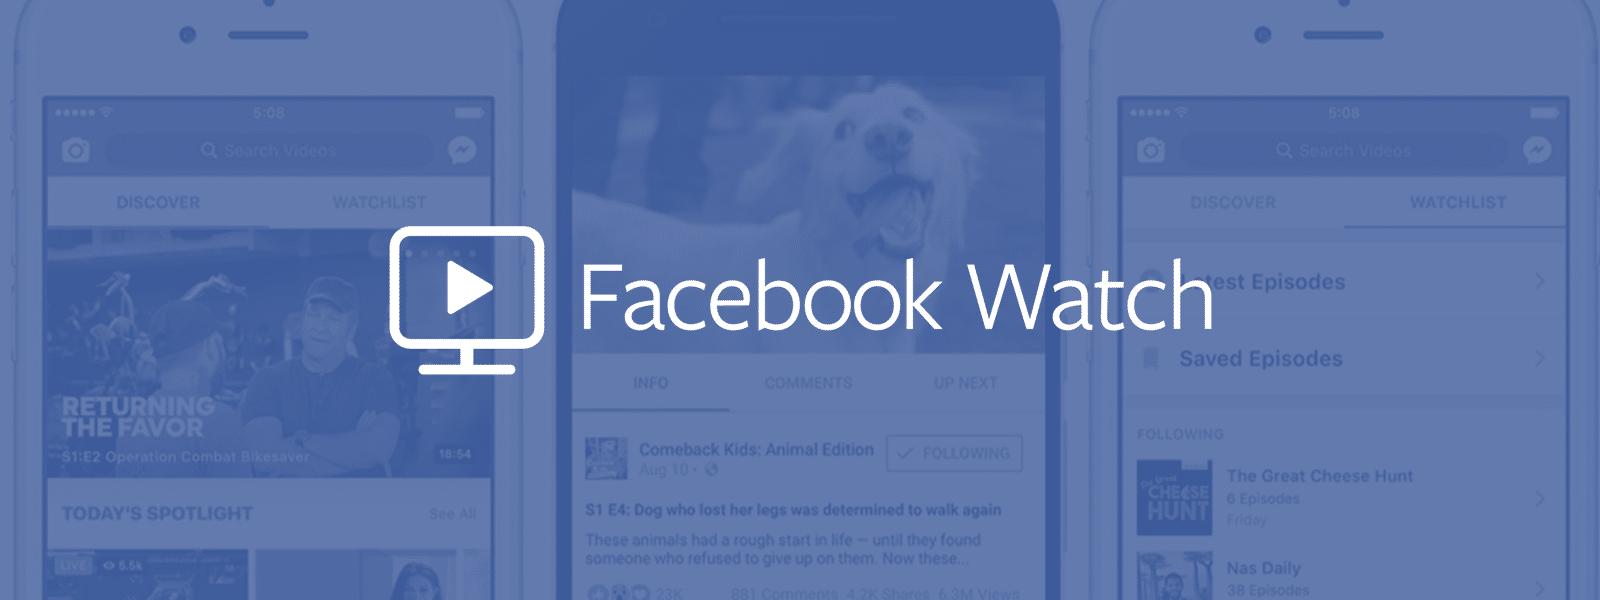 ส่อง Facebook Watch คู่แข่งวิดีโอในอนาคตของ YouTube